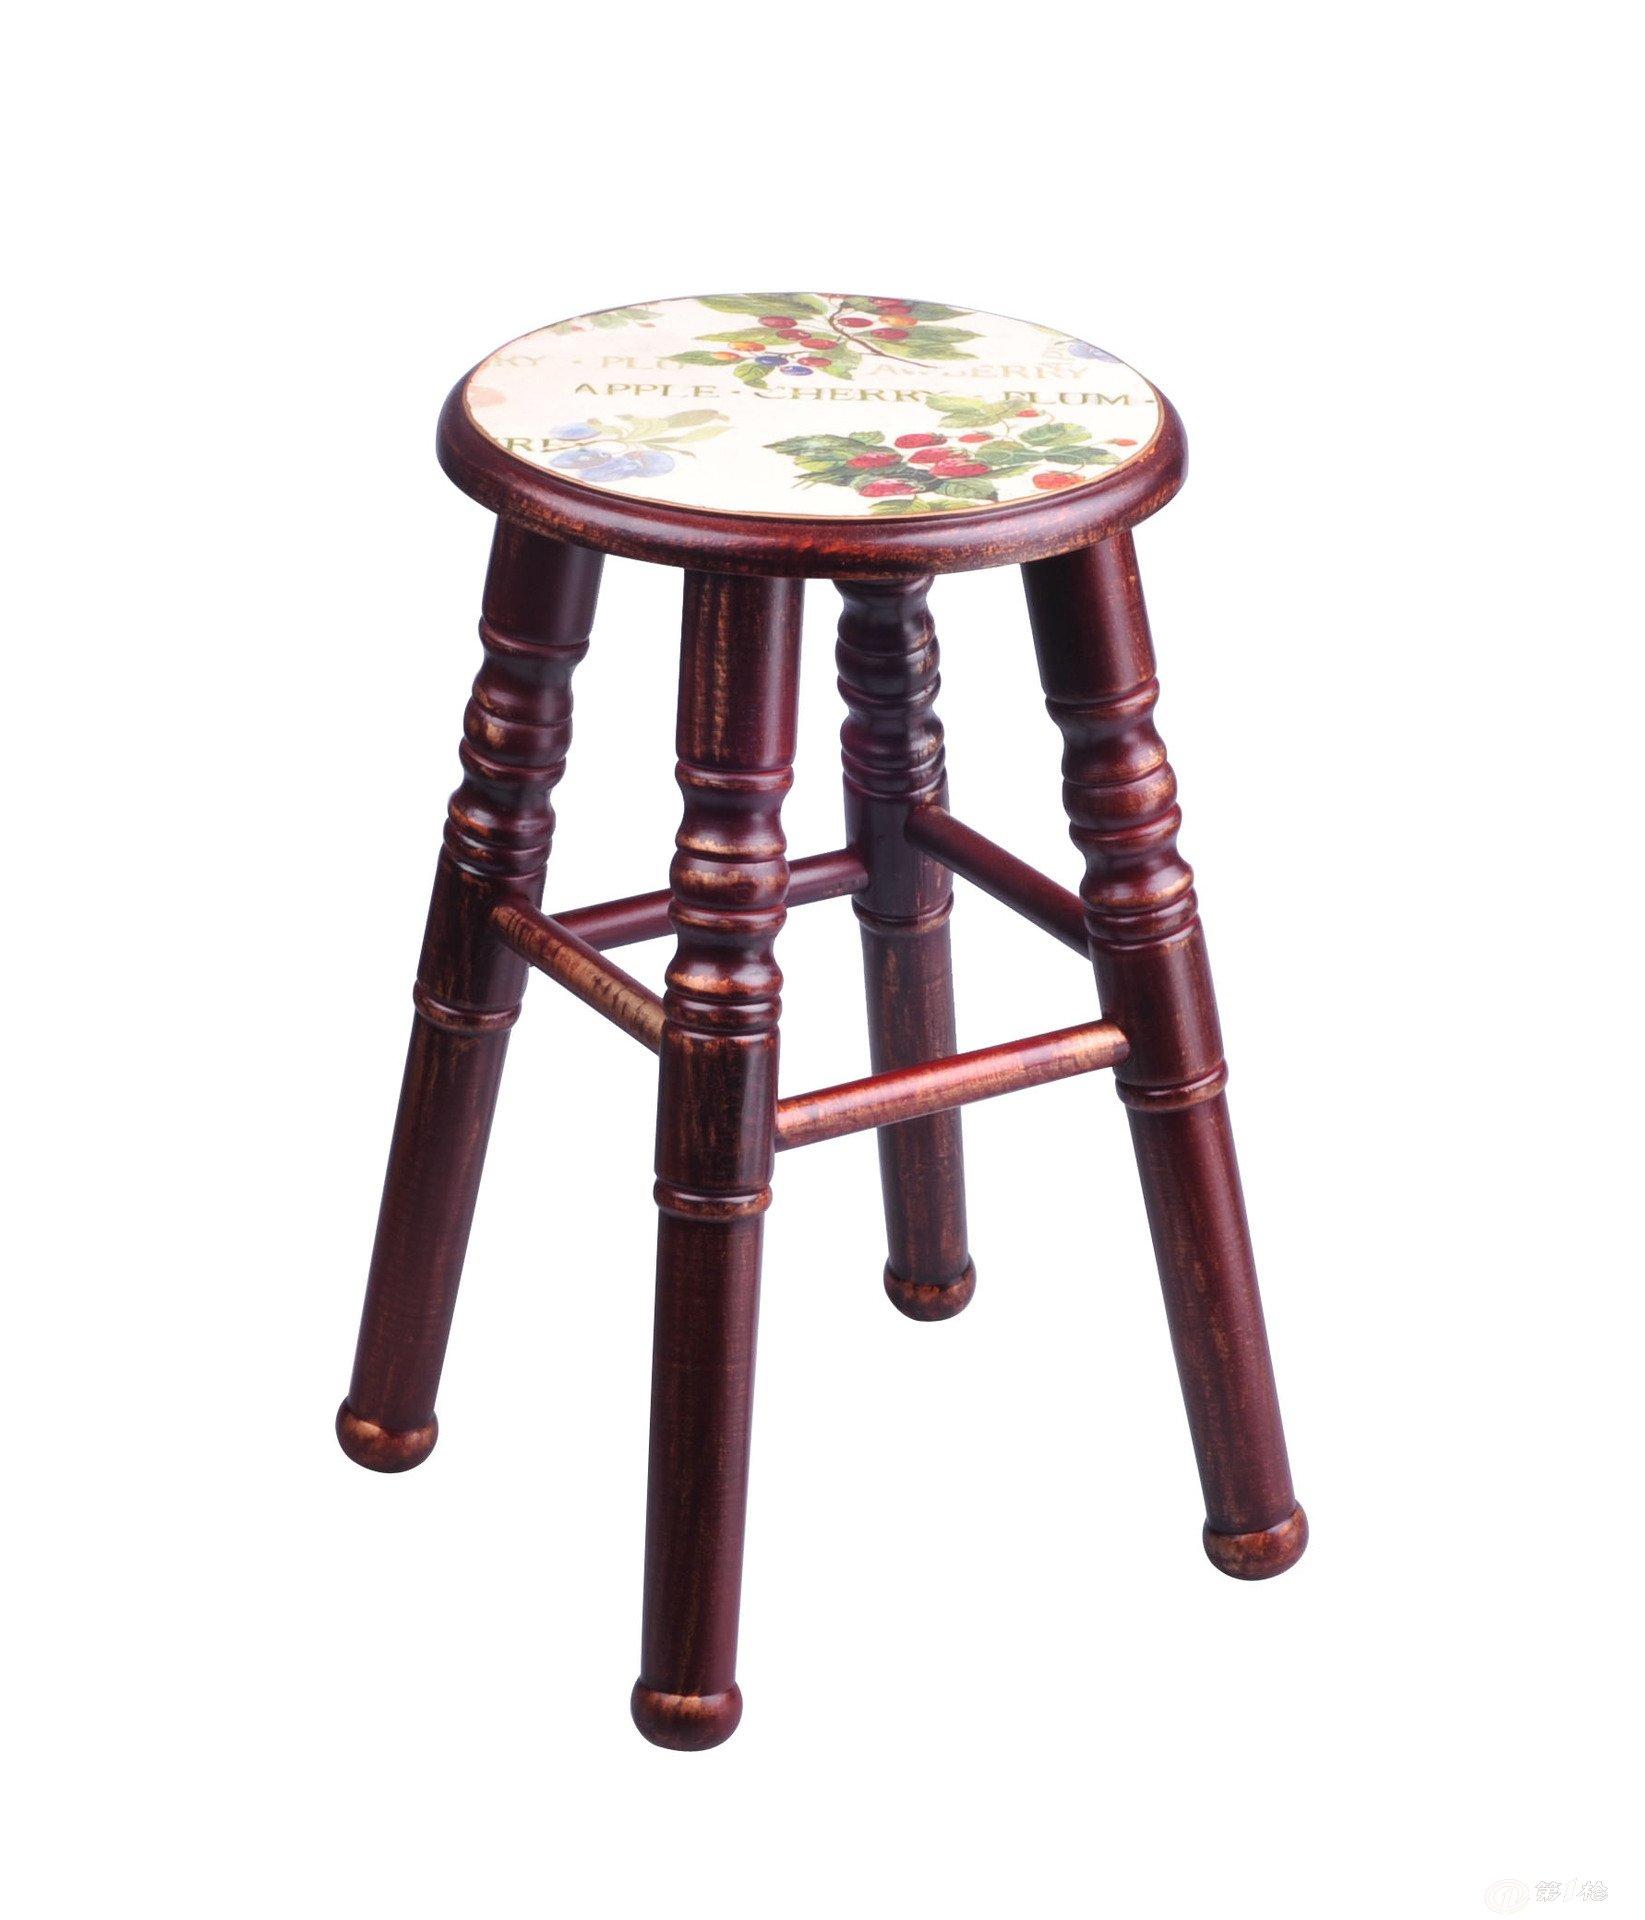 产品库 家居用品,母婴,玩具 家具 椅子,凳,榻 厂家供应批发木制欧式